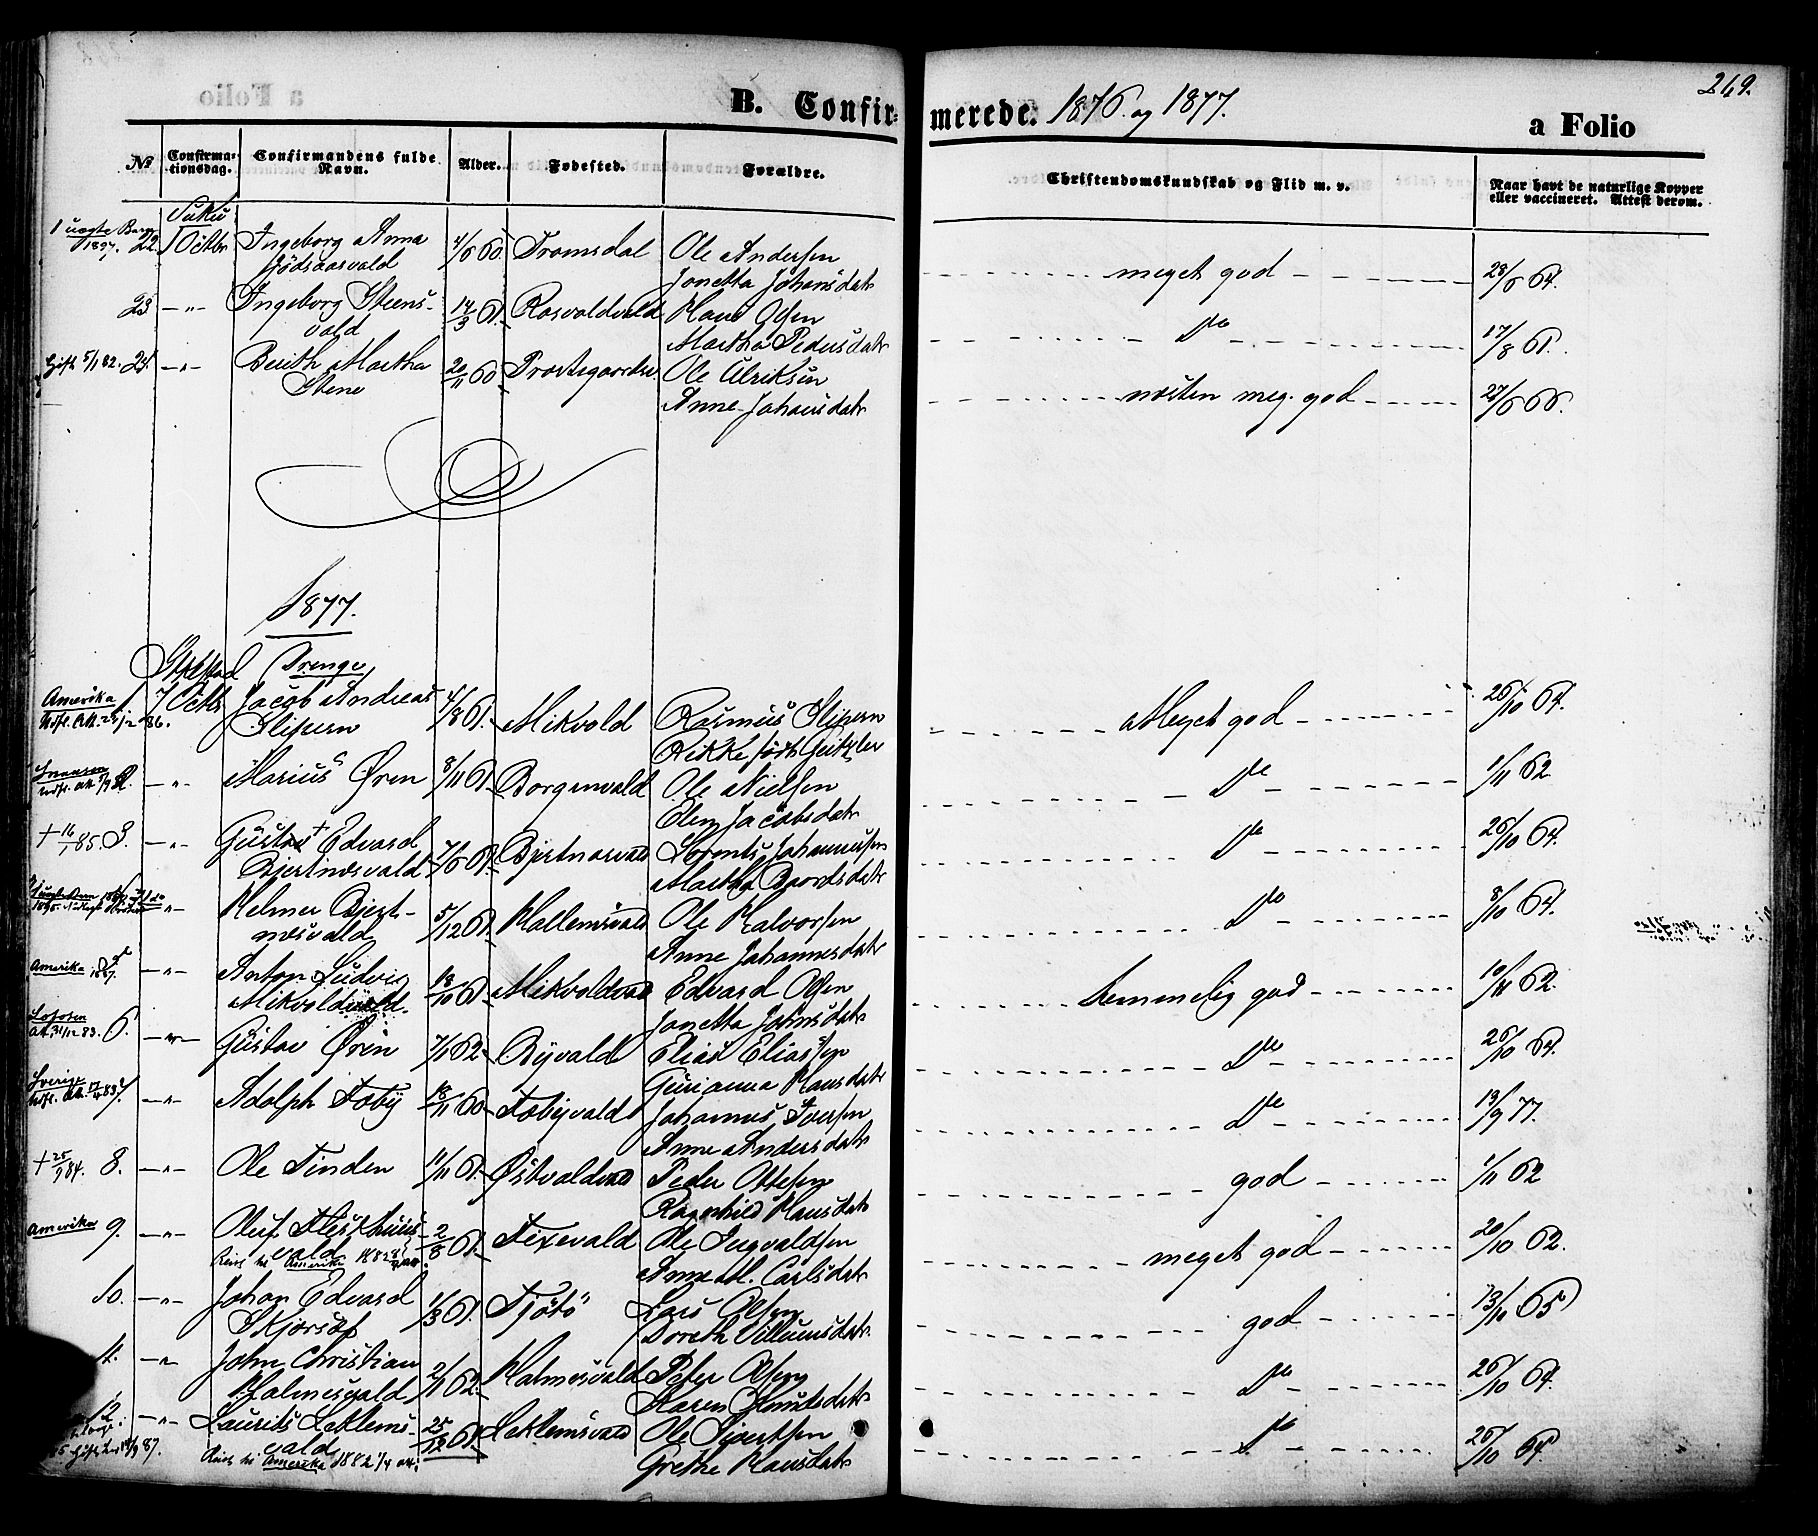 SAT, Ministerialprotokoller, klokkerbøker og fødselsregistre - Nord-Trøndelag, 723/L0242: Ministerialbok nr. 723A11, 1870-1880, s. 269